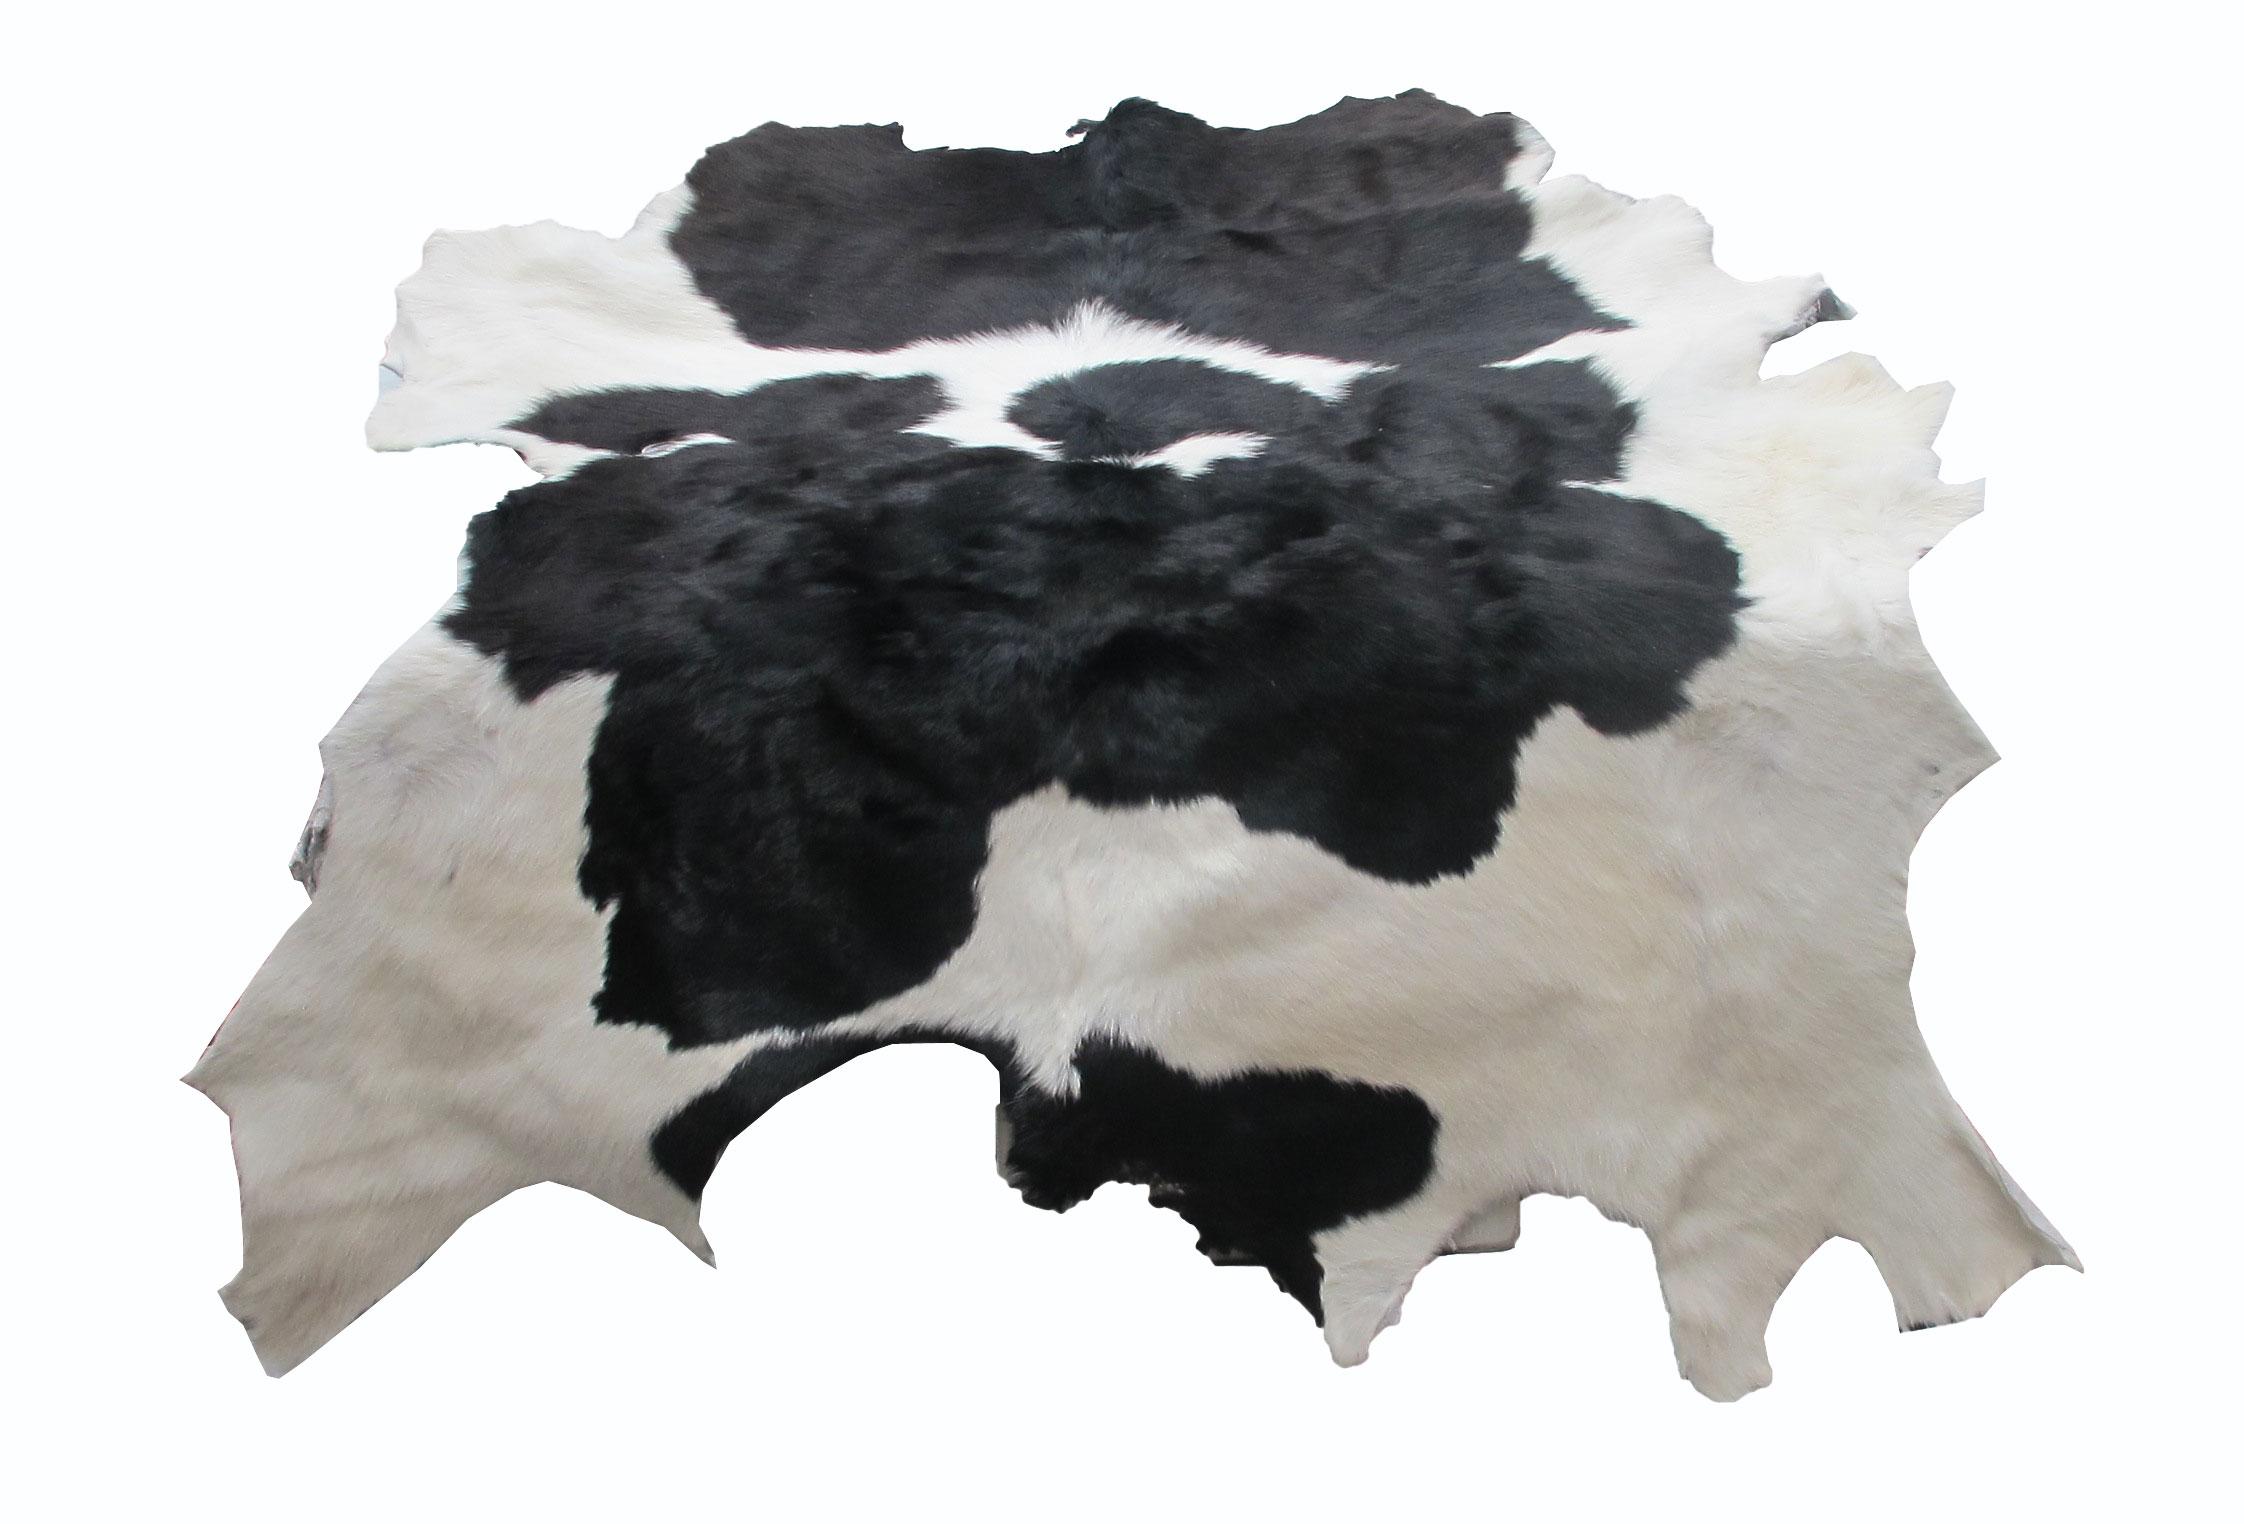 หนังแท้ หนังขนลูกวัว ใช้สำหรับตกแต่งฝาผนังบ้าน หรือ ใช้เป็นผ้าปูโต๊ะแล้วเอากระจกทับ หรือ ผ้าคลุ่มเก้าอี้นั่ง สำเนา สำเนา สำเนา สำเนา สำเนา สำเนา